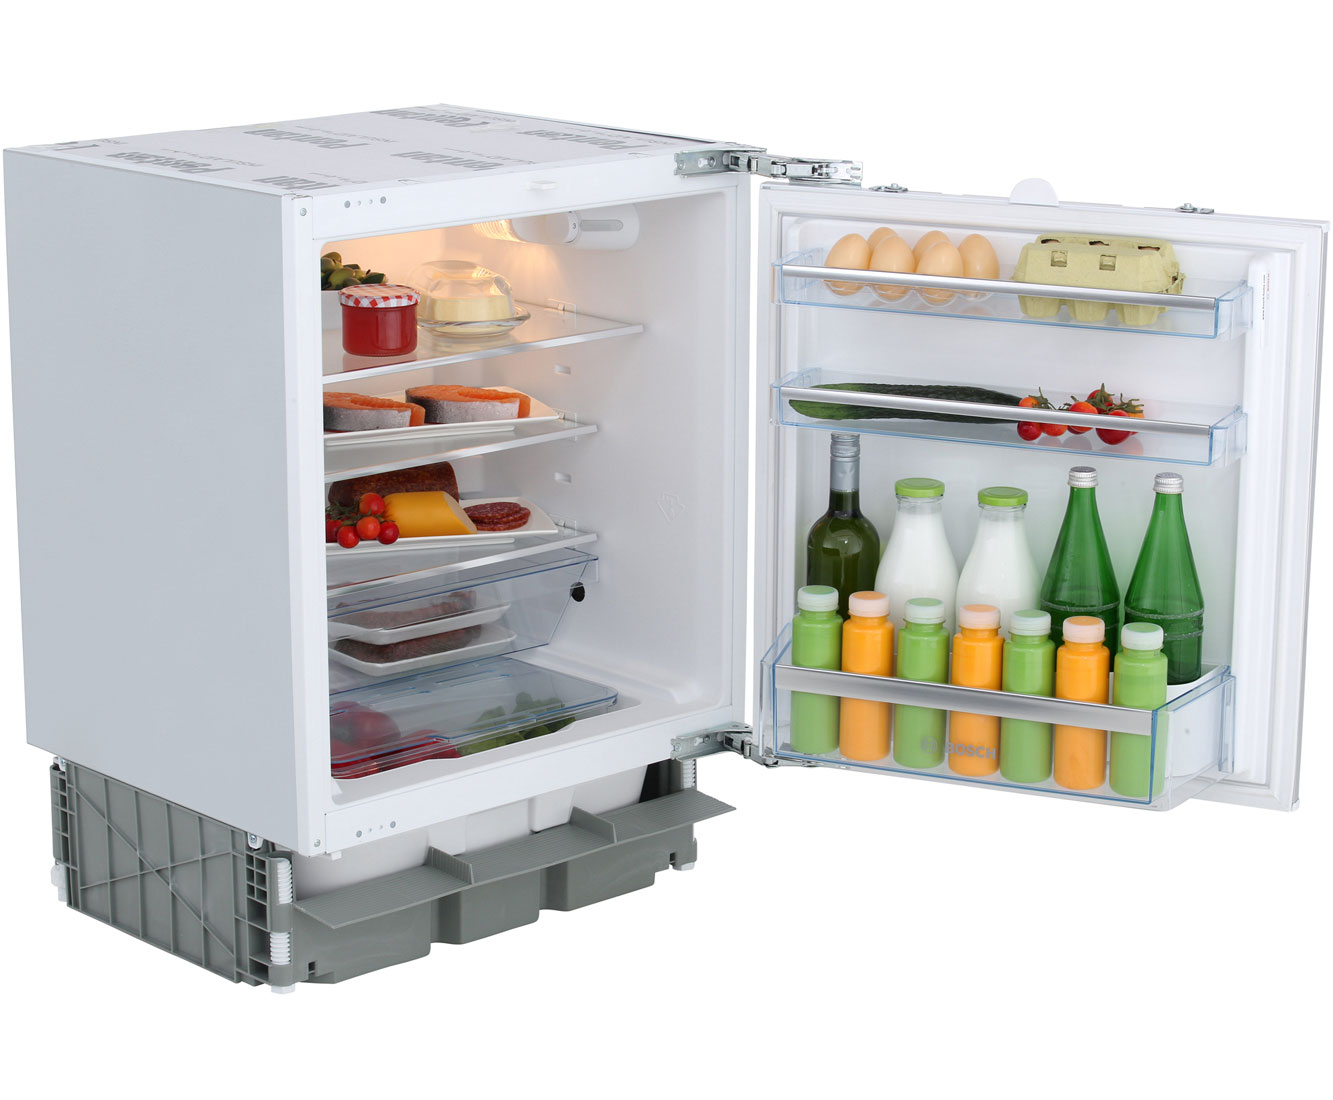 Aeg Kühlschrank Unterbau : Unterbau kühlschrank preisvergleich u die besten angebote online